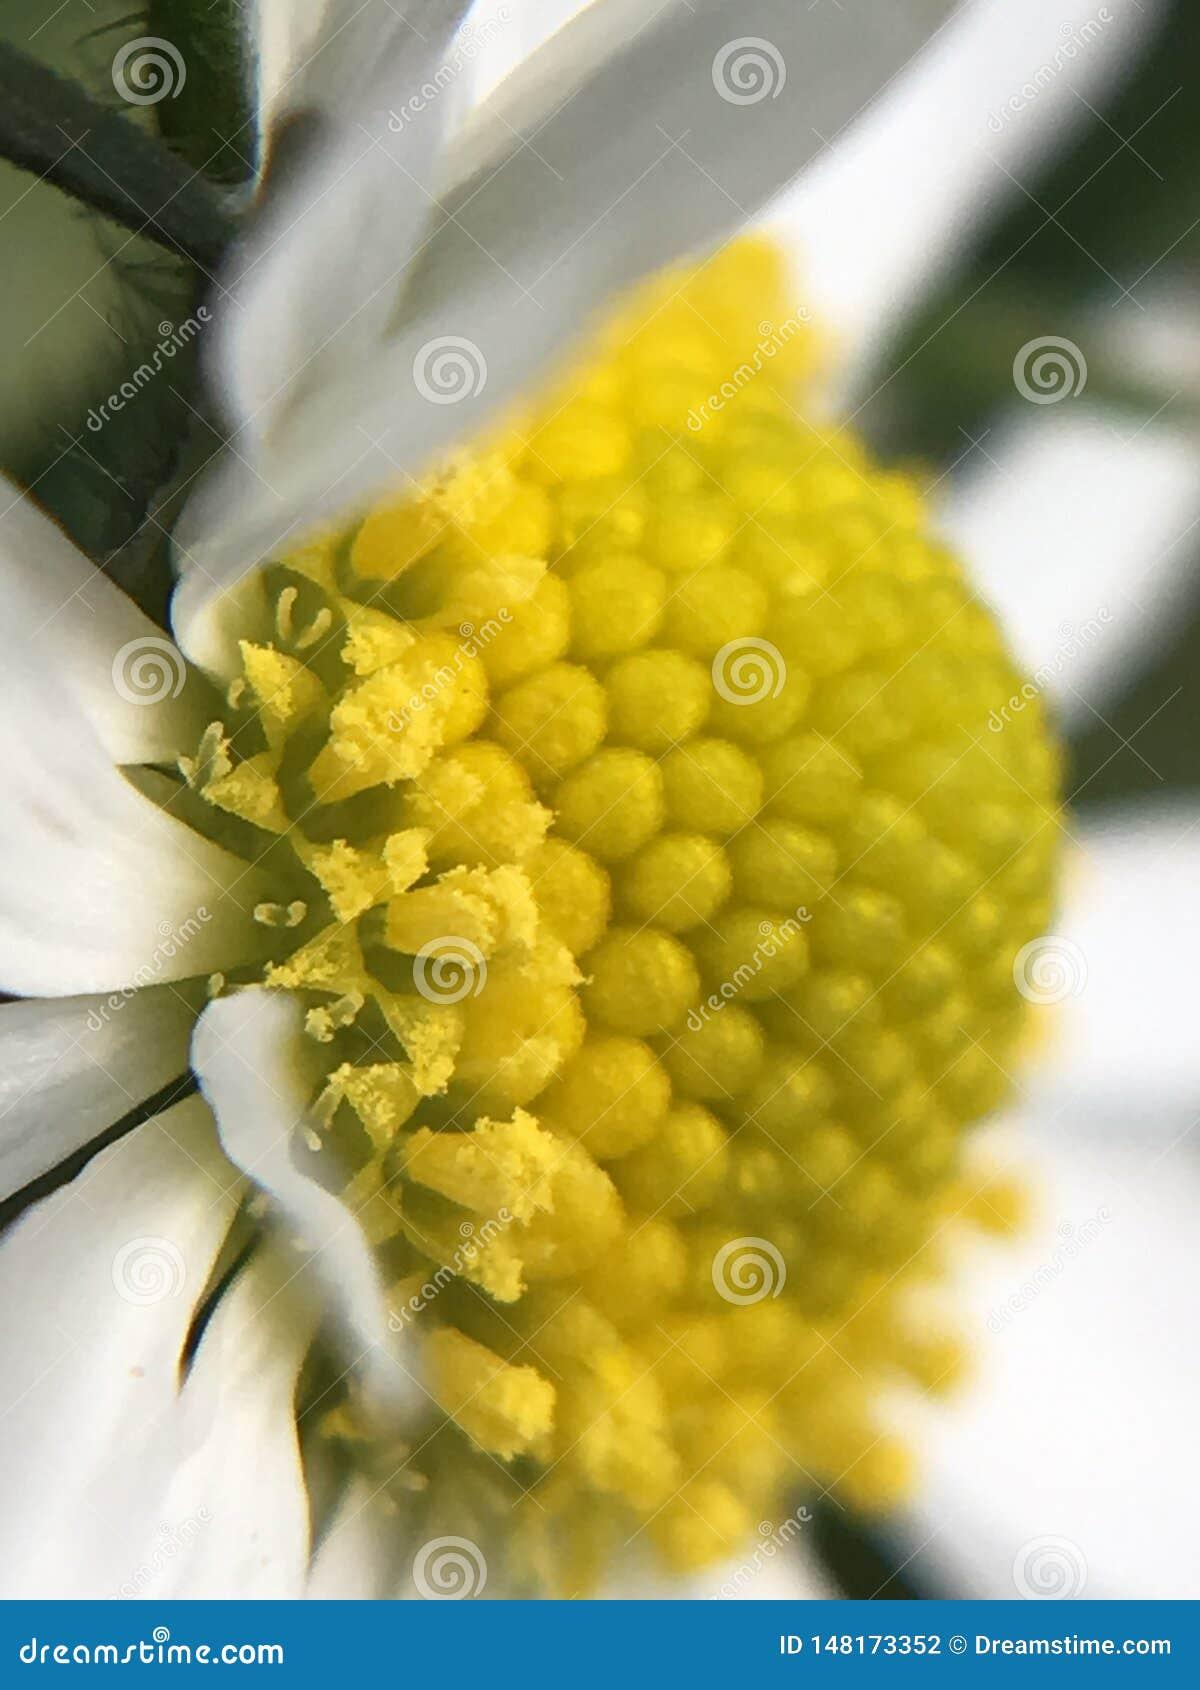 Pollen of a Summer Daisy